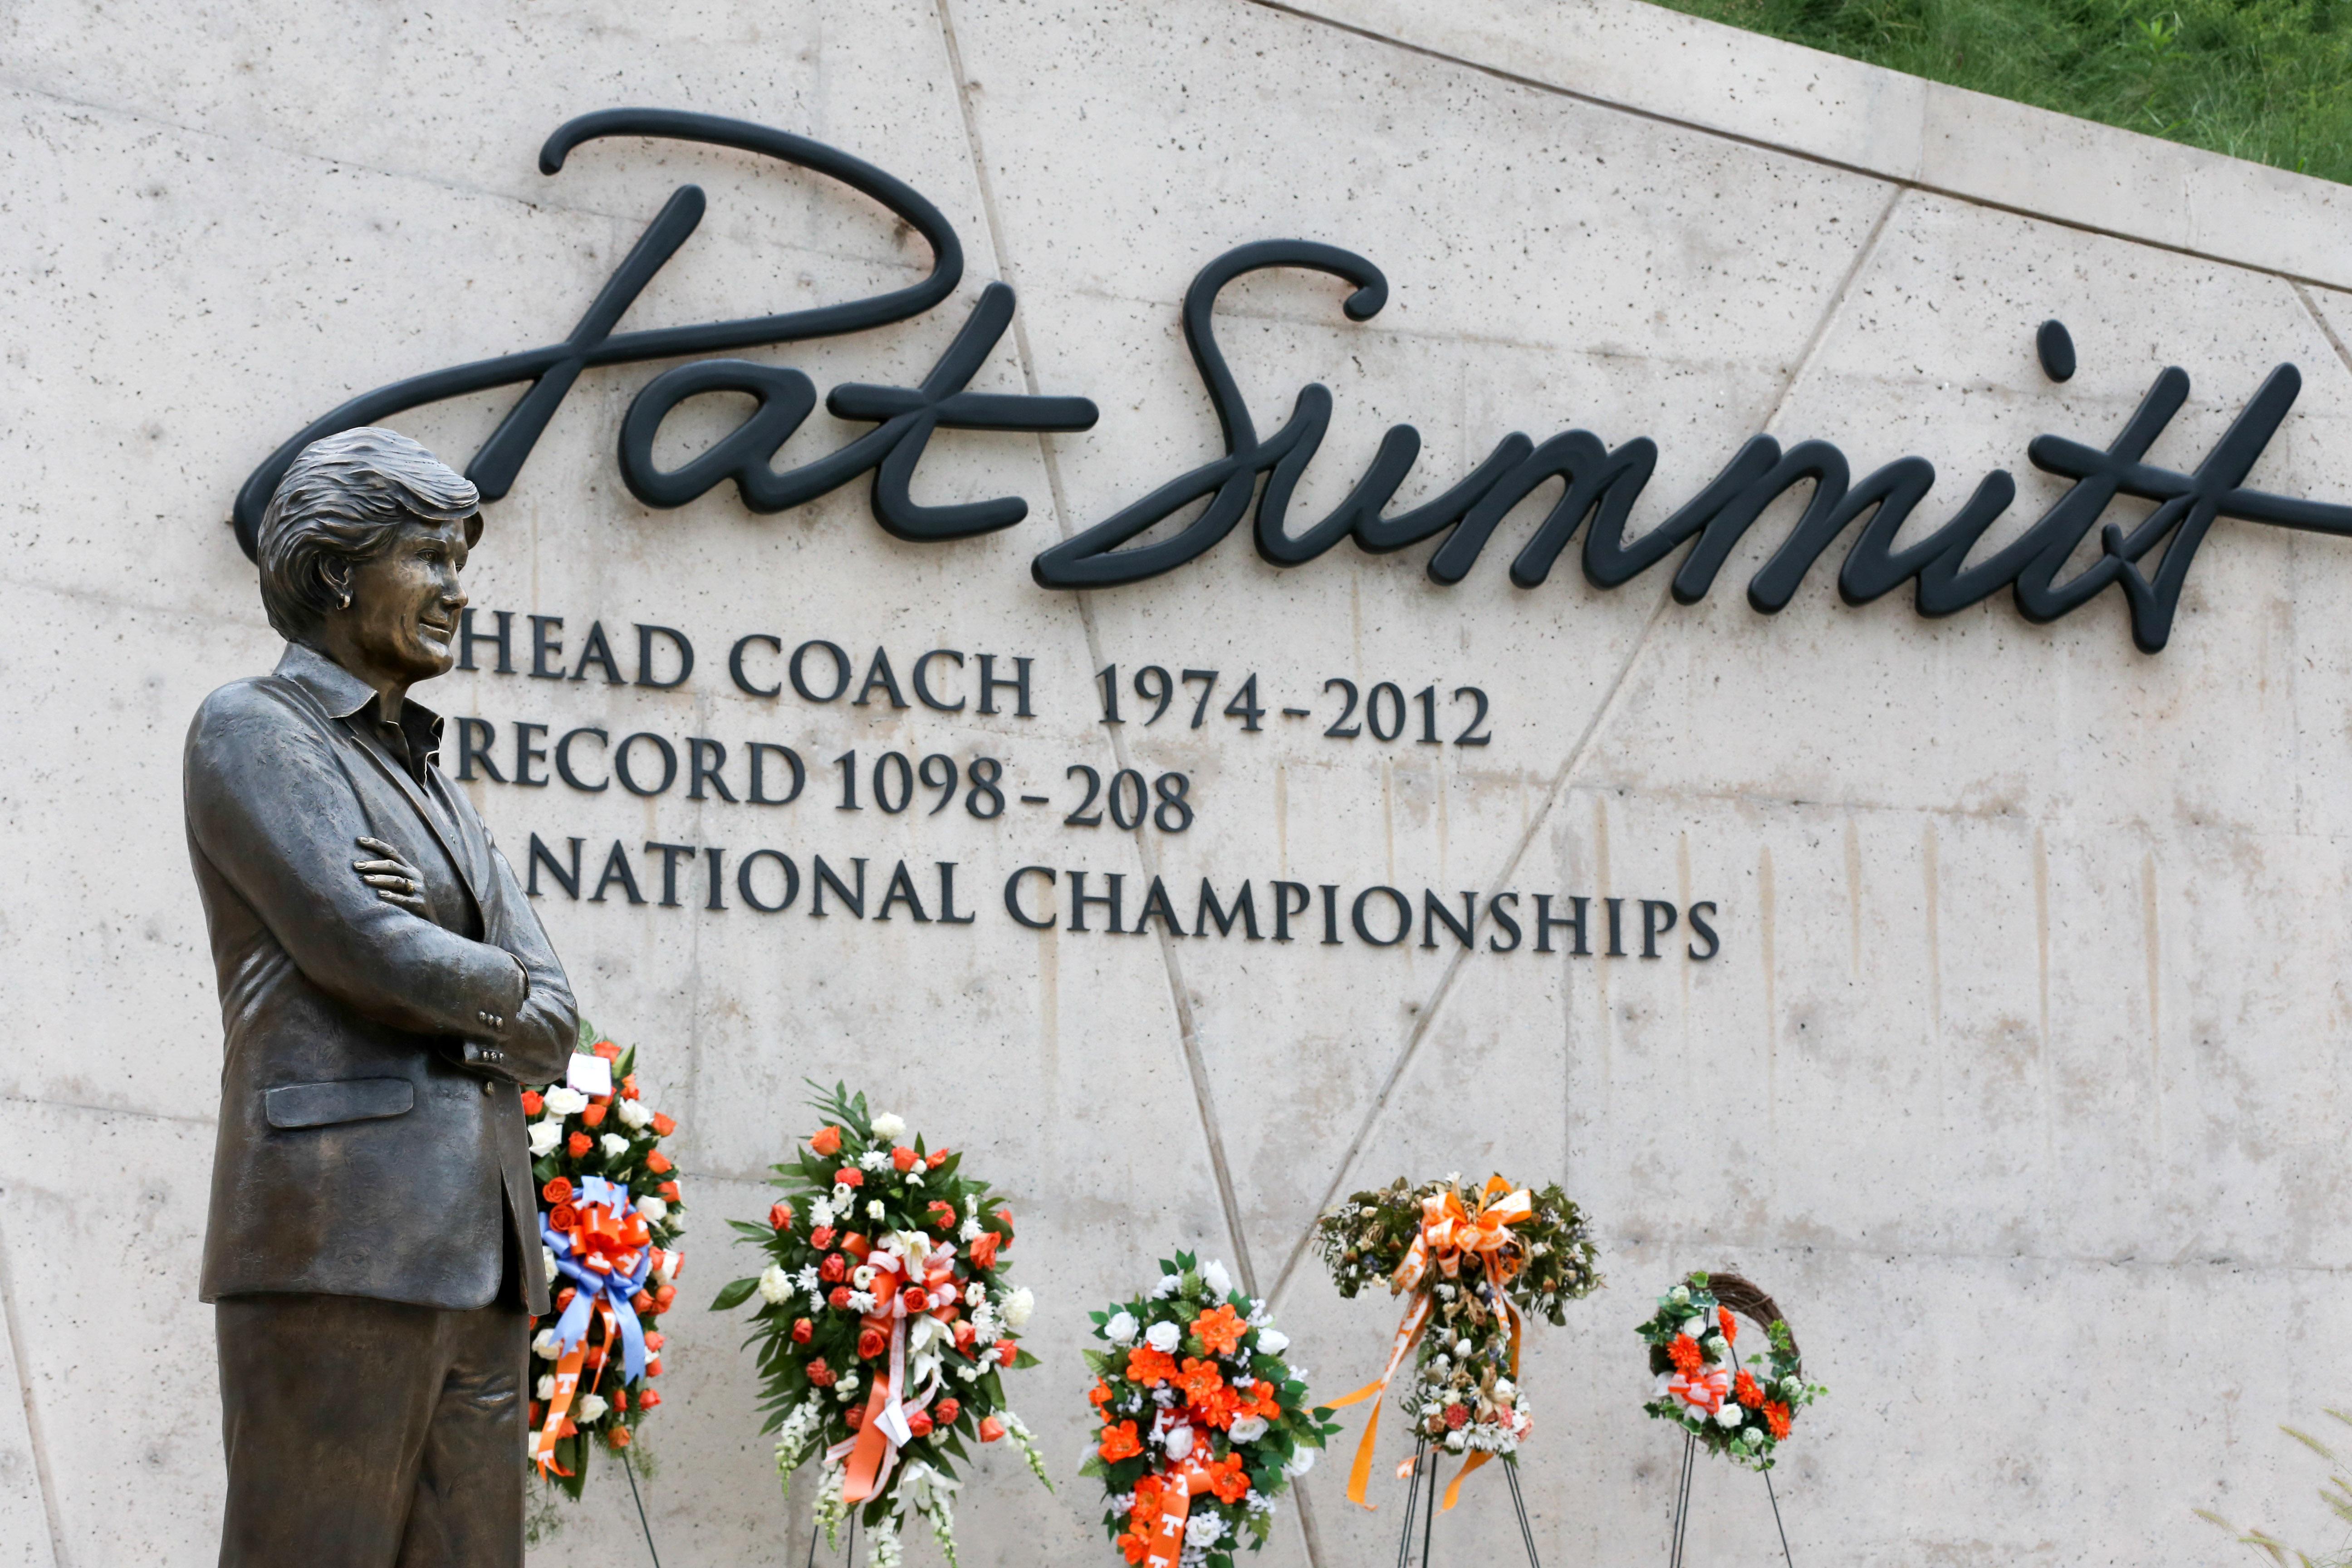 Pat Summitt Memorial Service